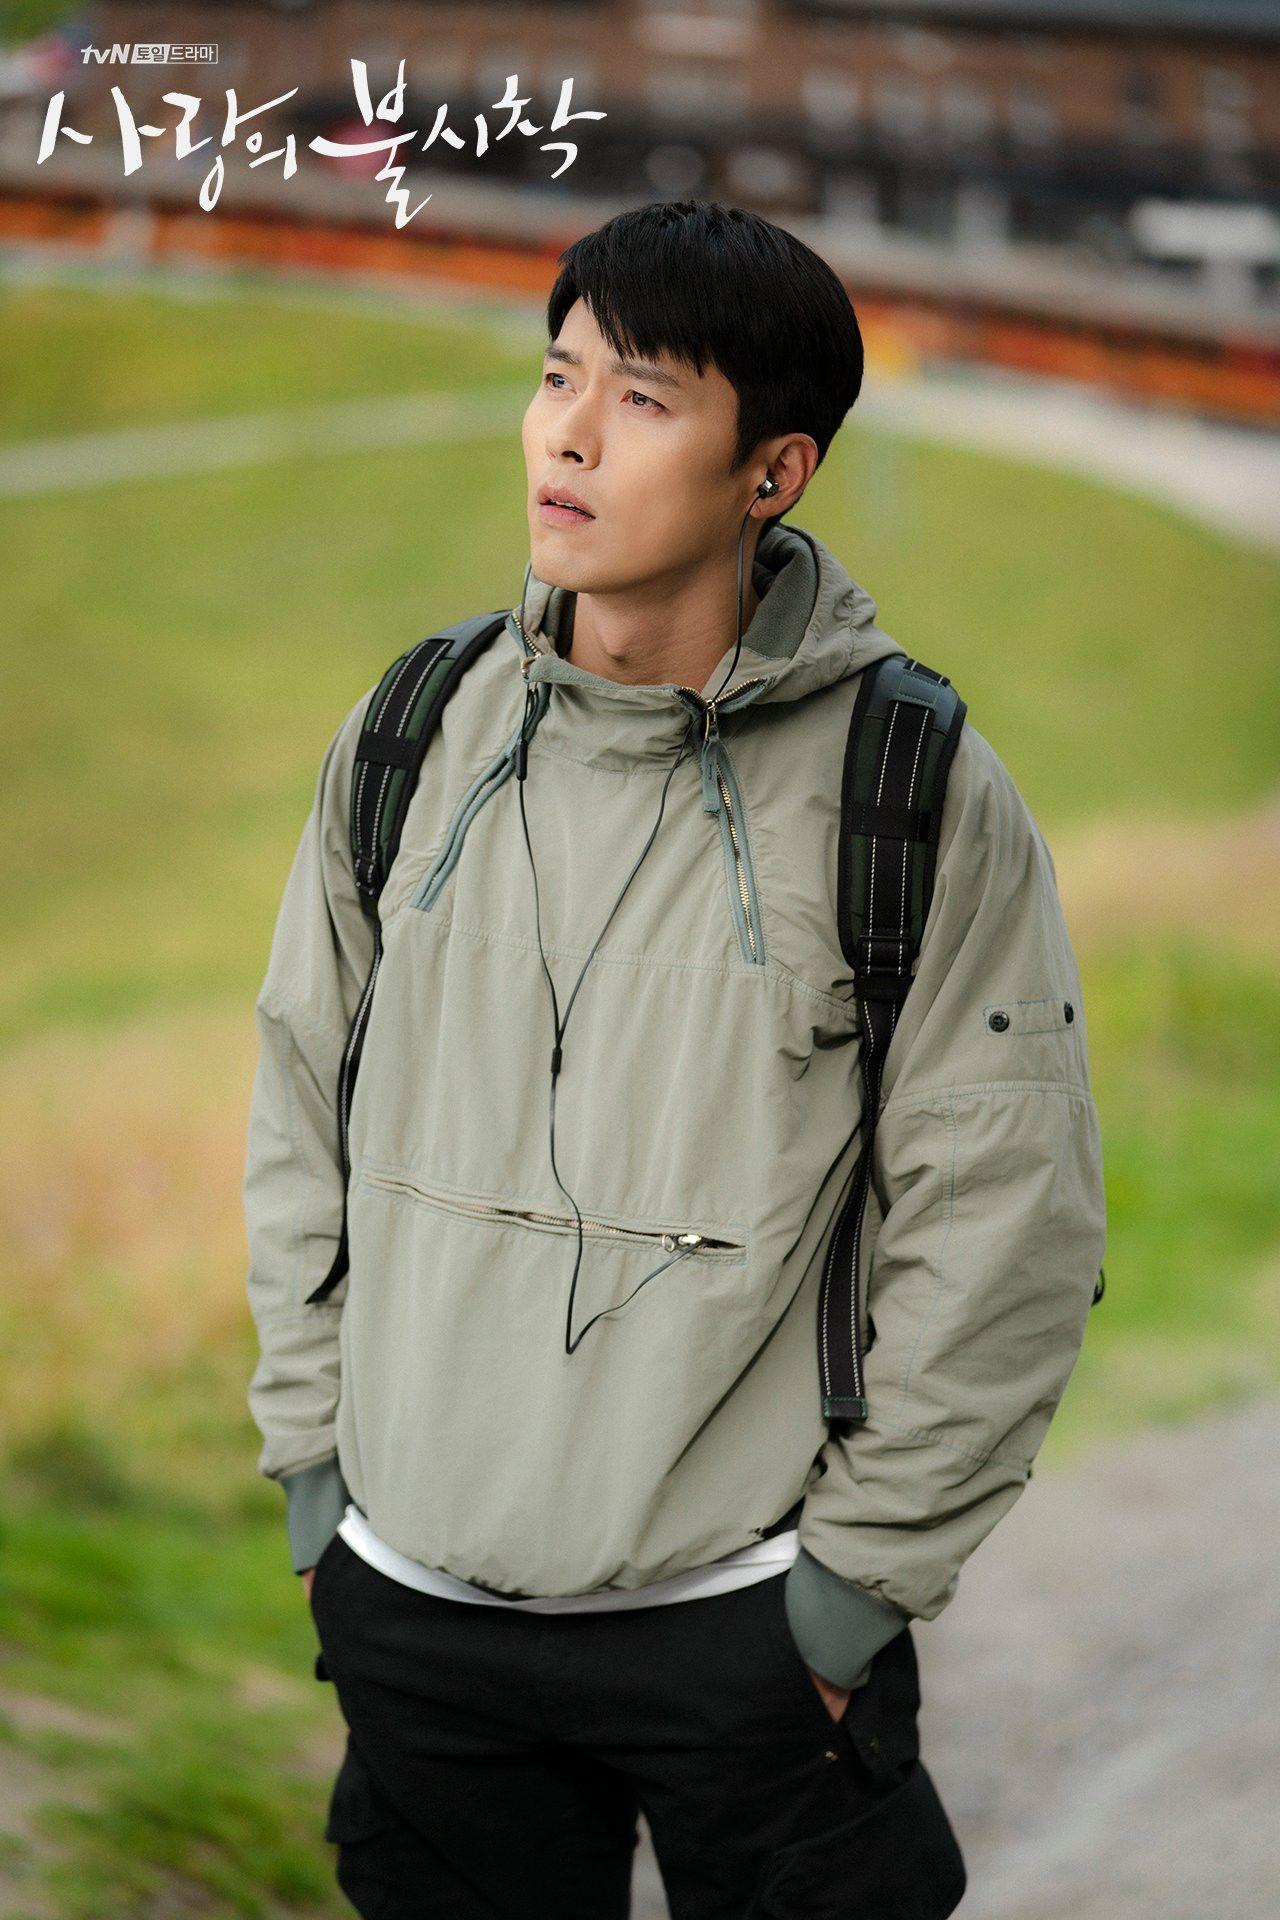 Anh quân nhân Hyun Bin: Bình thường lên đồ cũng vài chục triệu, tự nhiên lọt đâu chiếc sơ mi chỉ vài trăm mà vẫn chuẩn soái ca khiến chị em loạn nhịp - Ảnh 2.